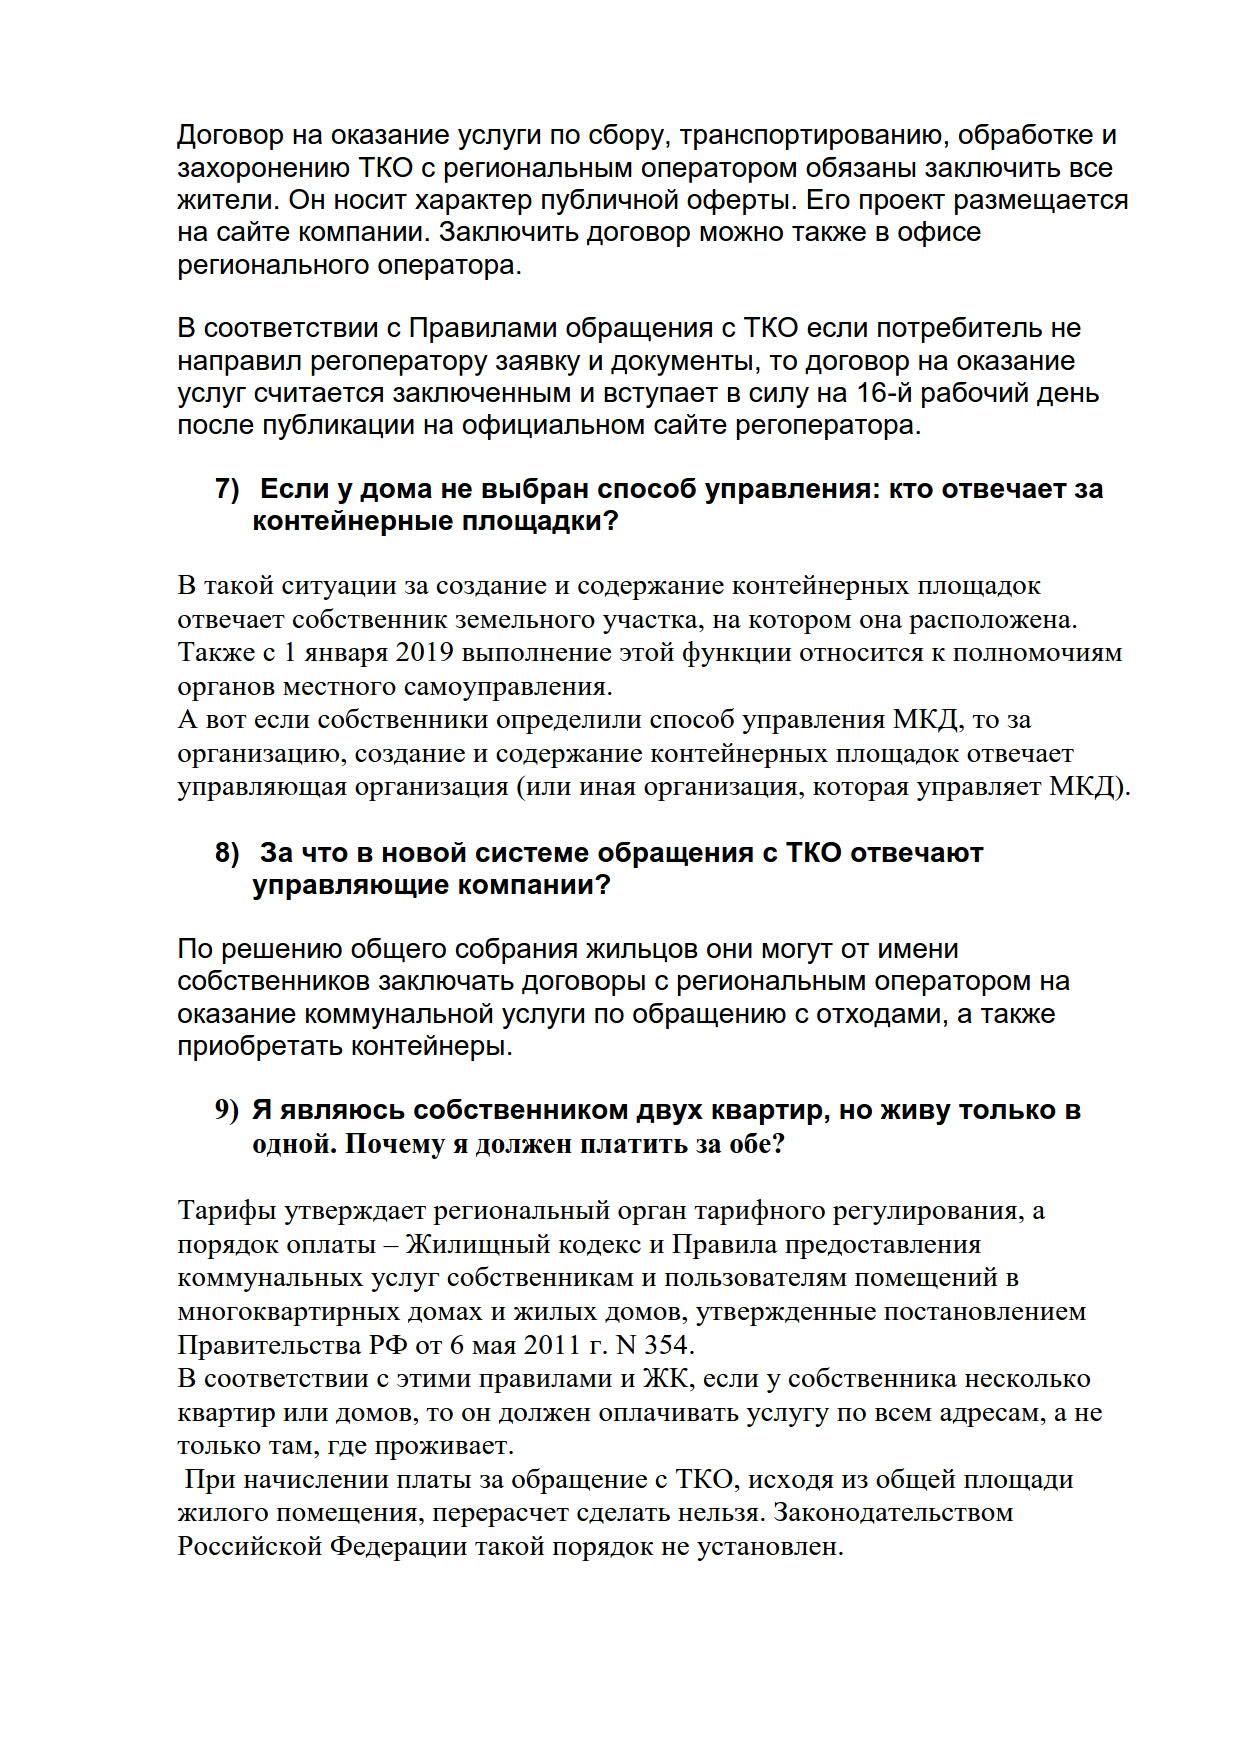 Общая информация по реформе_4